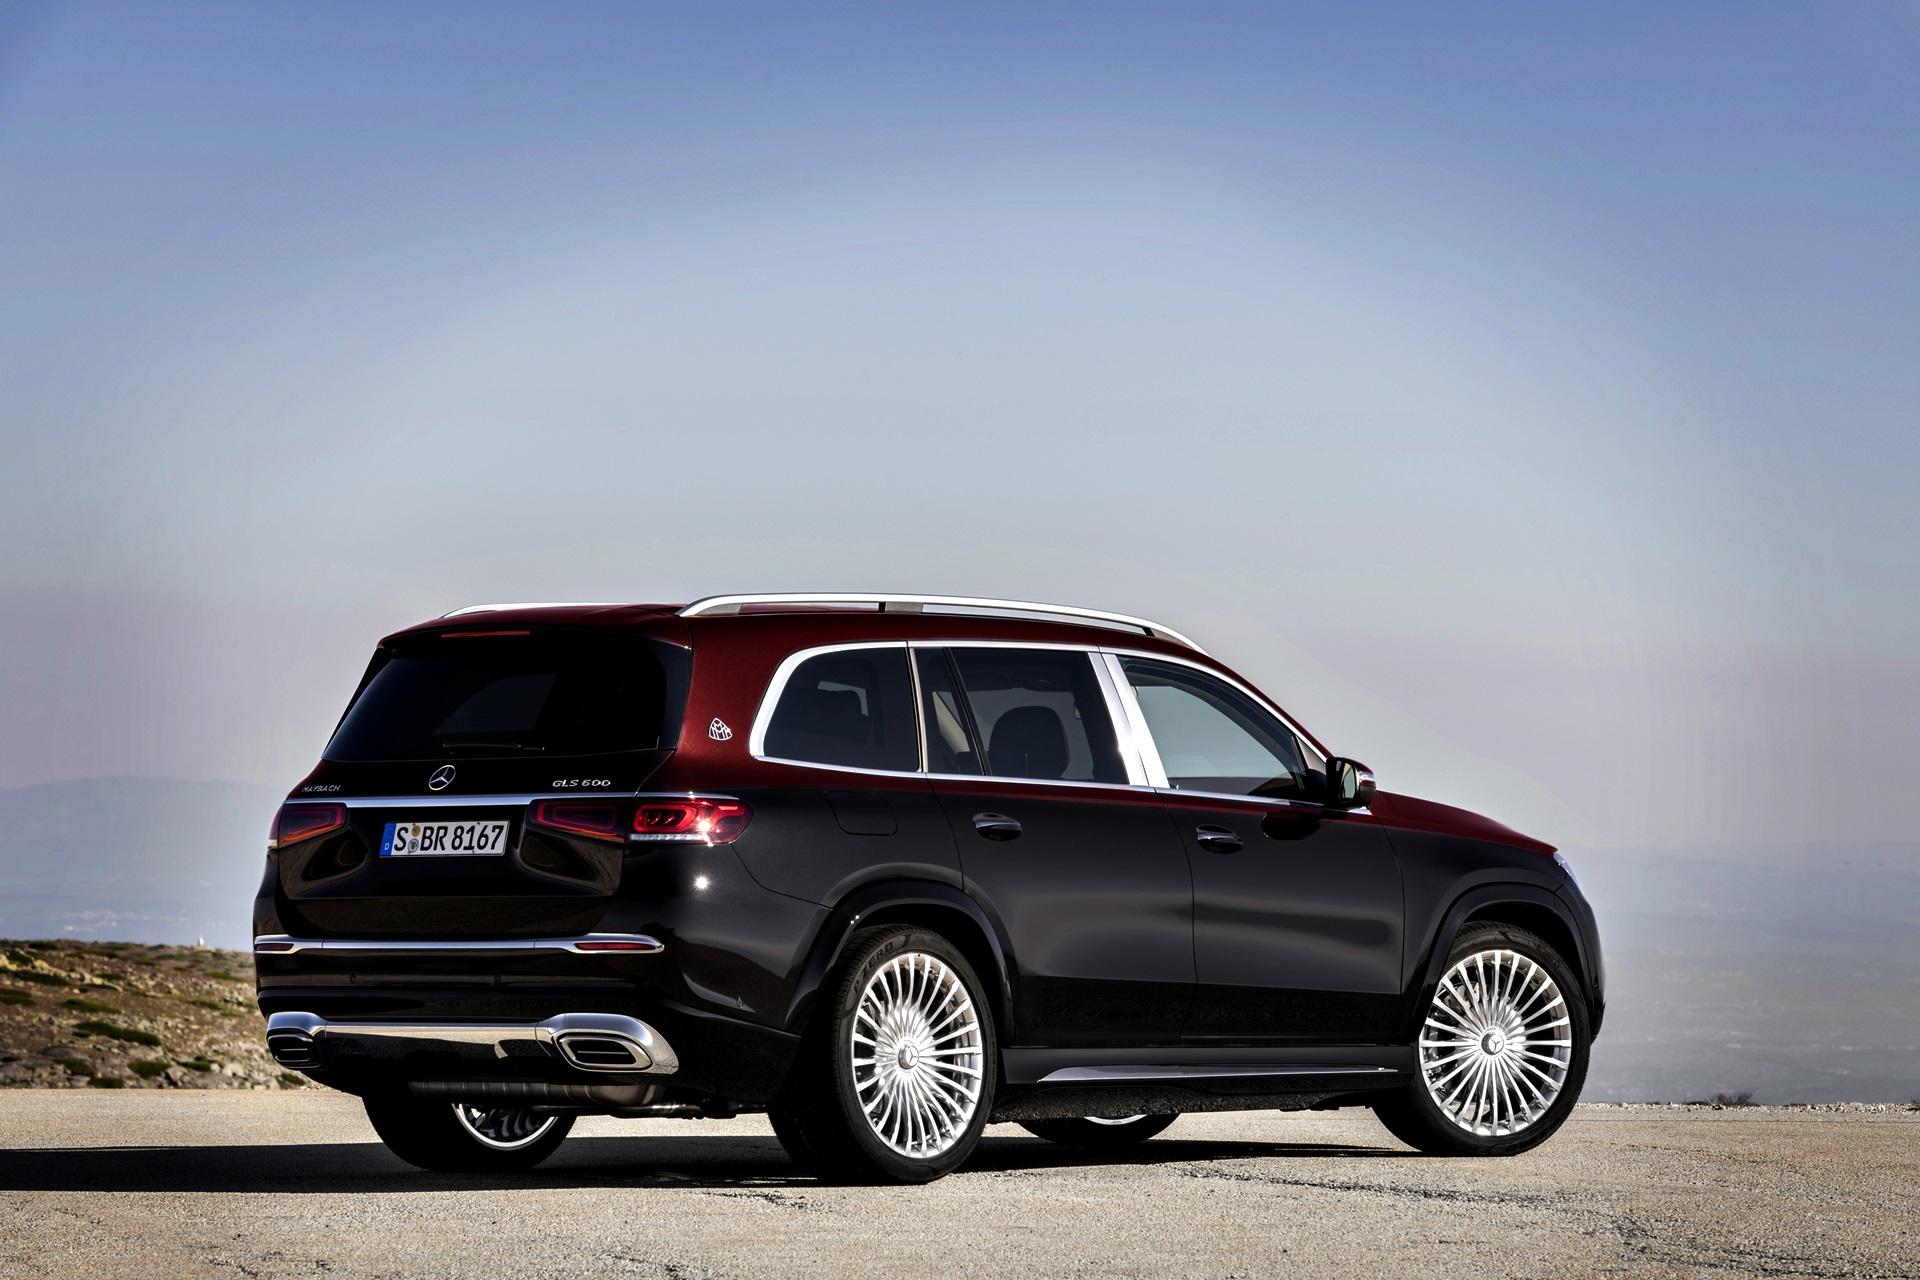 El Suv Mercedes Maybach Gls 600 4matic Publica Su Precio